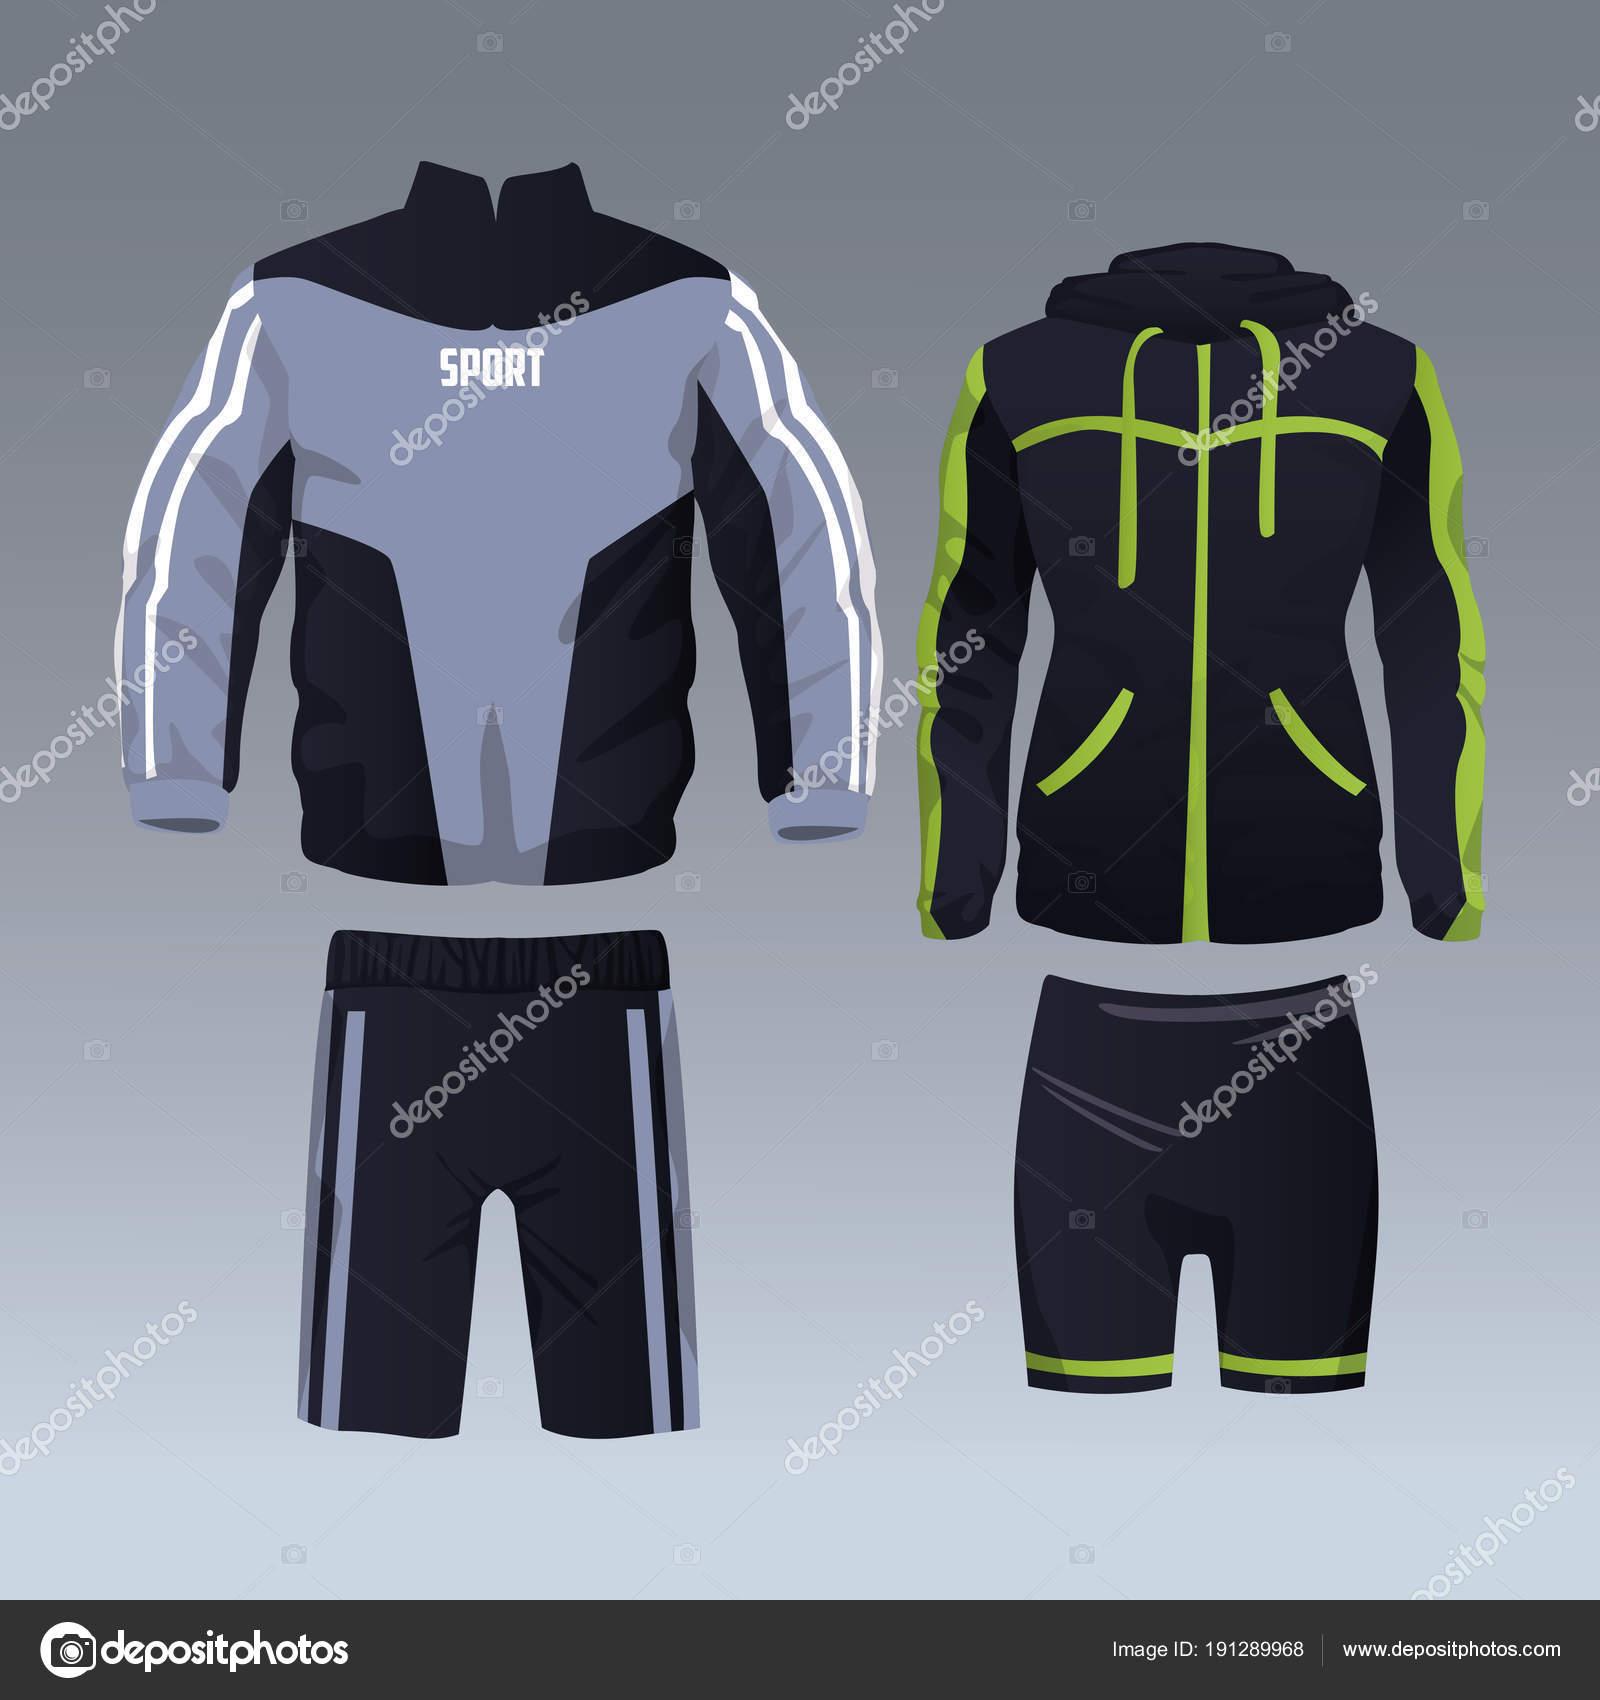 calidad real gran variedad de estilos original de costura caliente Diseño de indumentaria deportiva | Conjunto de ropa ...